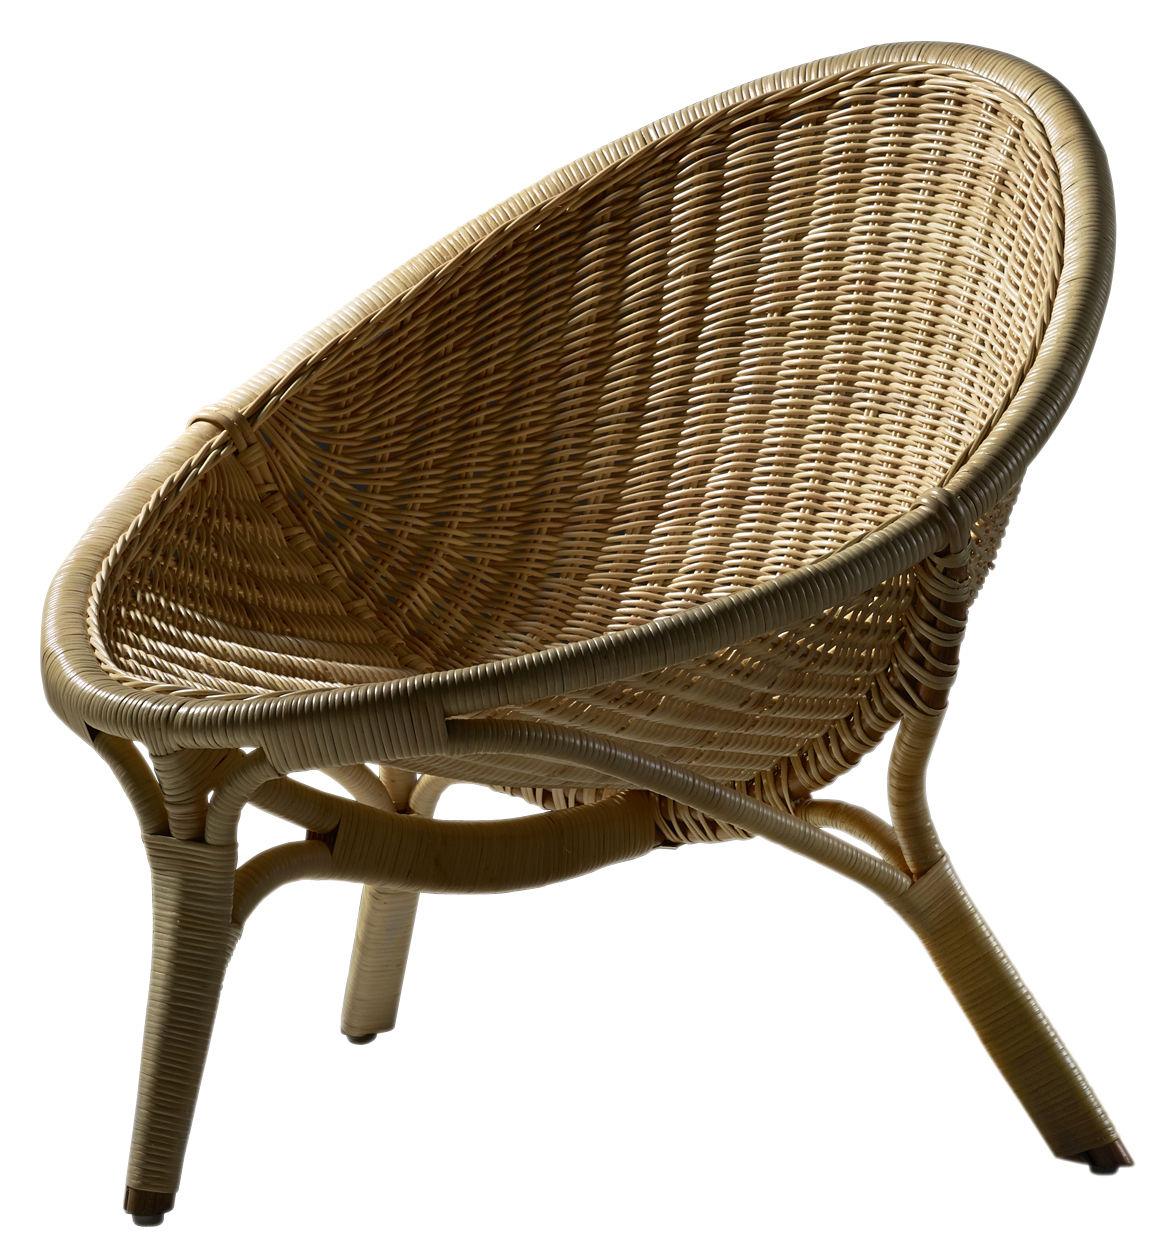 Arredamento - Poltrone design  - Poltrona Rana - / Riedizione 1951 di Sika Design - Poltrona naturale - Midollino